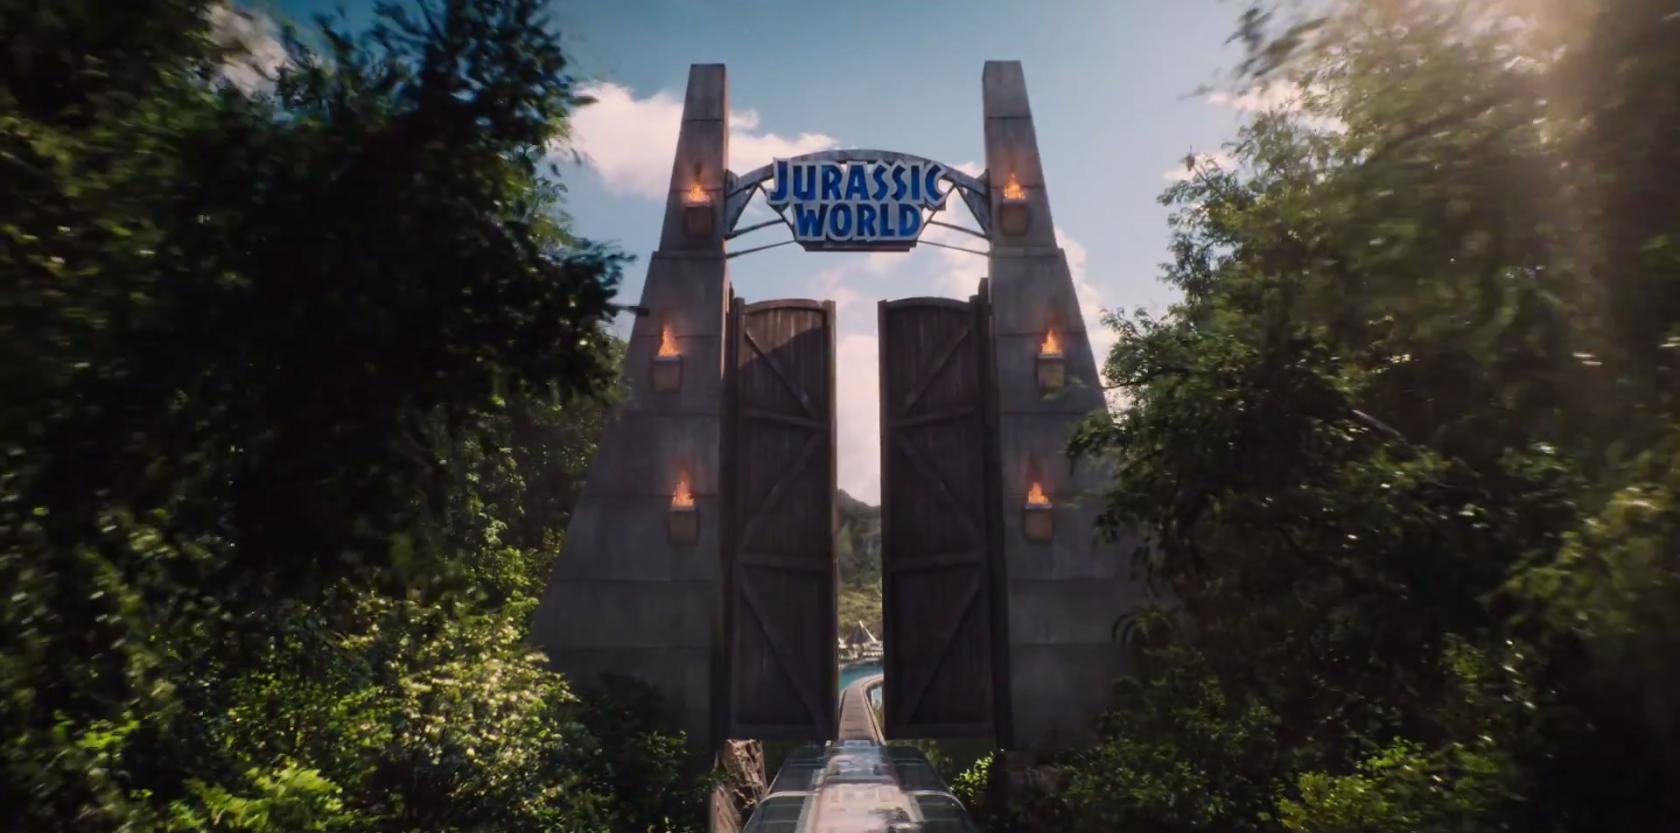 jurassic-world-trailer-image-1.jpg